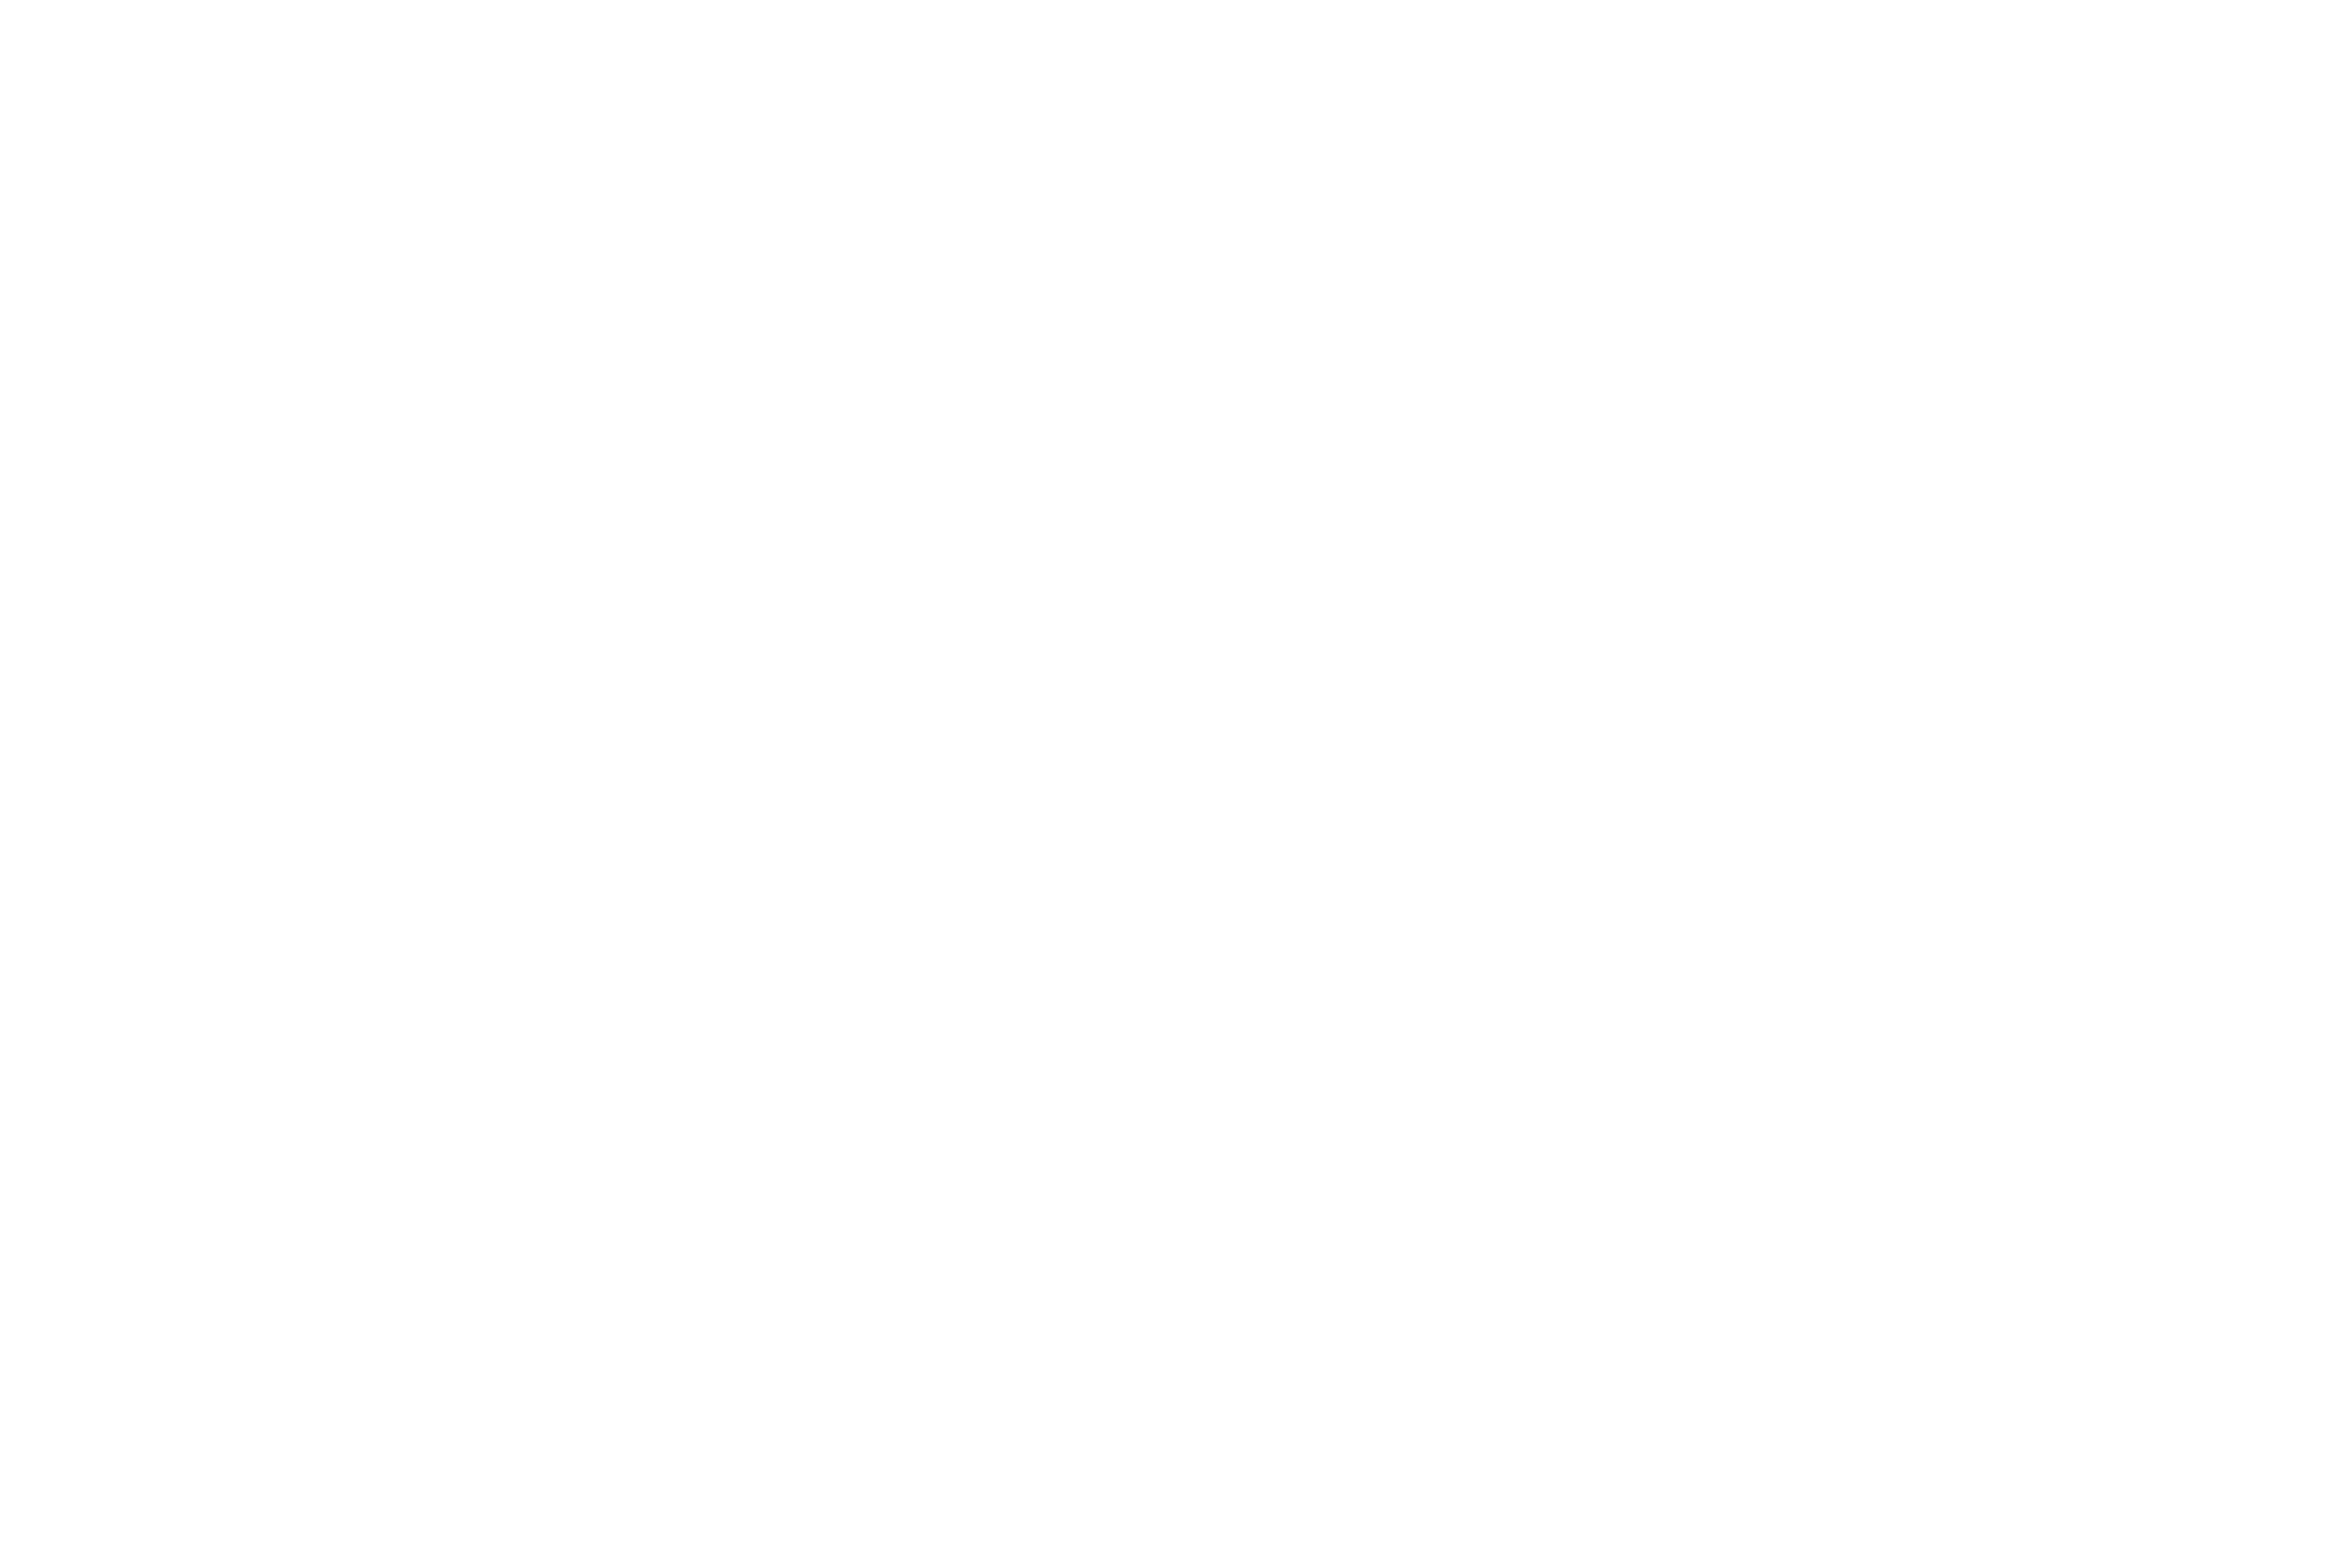 bogny-sur-meuse-dchetterie-01